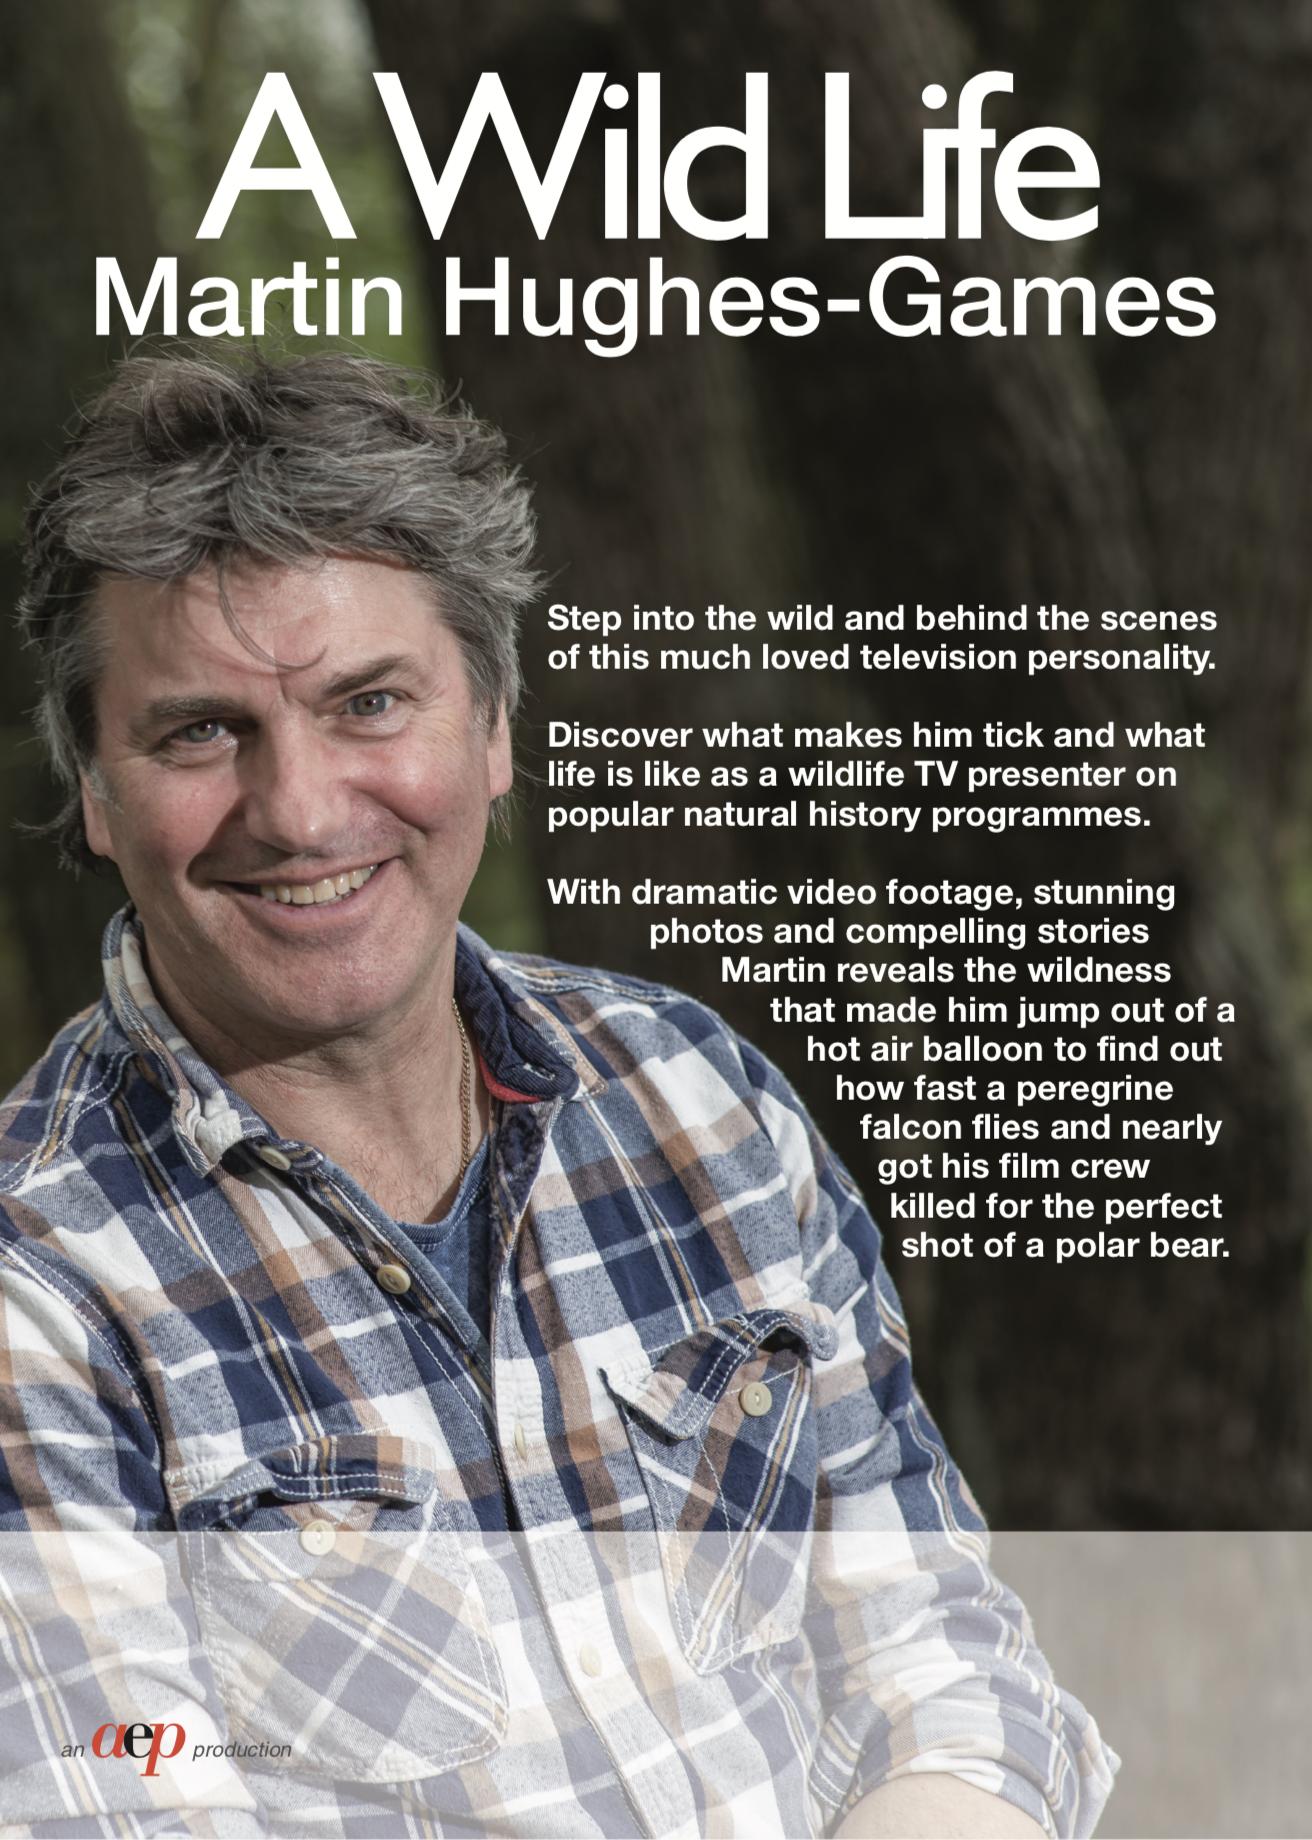 Martin Hughes-Games